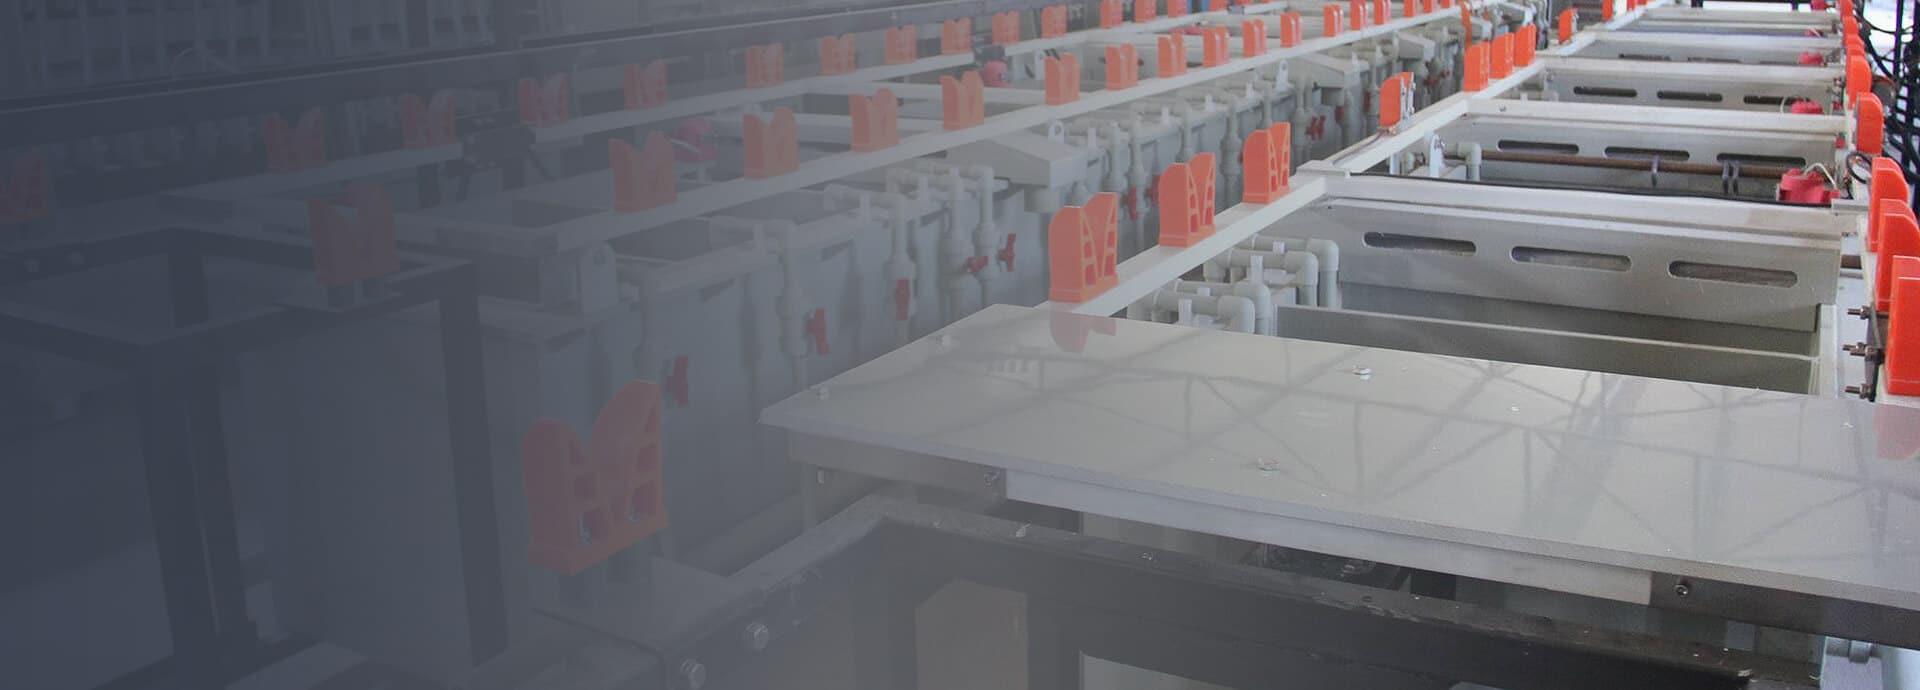 Rex Plating Machines